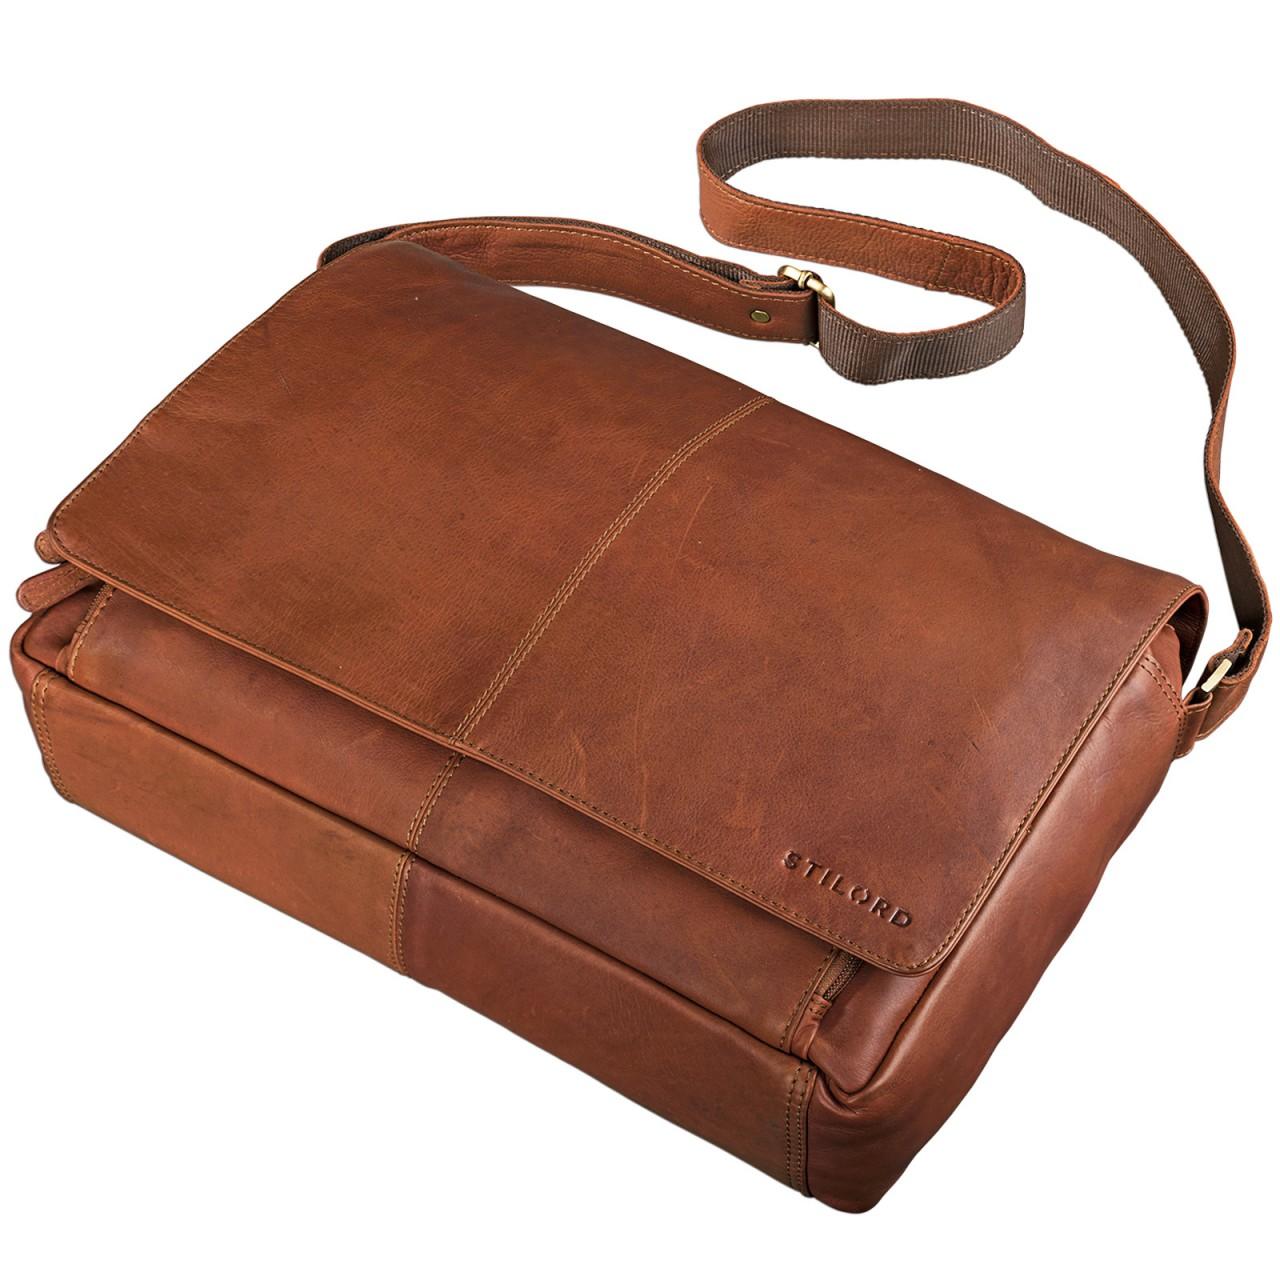 STILORD B-Ware Vintage Ledertasche Männer Frauen Businesstasche zum Umhängen 15,6 Zoll Laptoptasche Aktentasche Unitasche Umhängetasche Leder - Bild 5